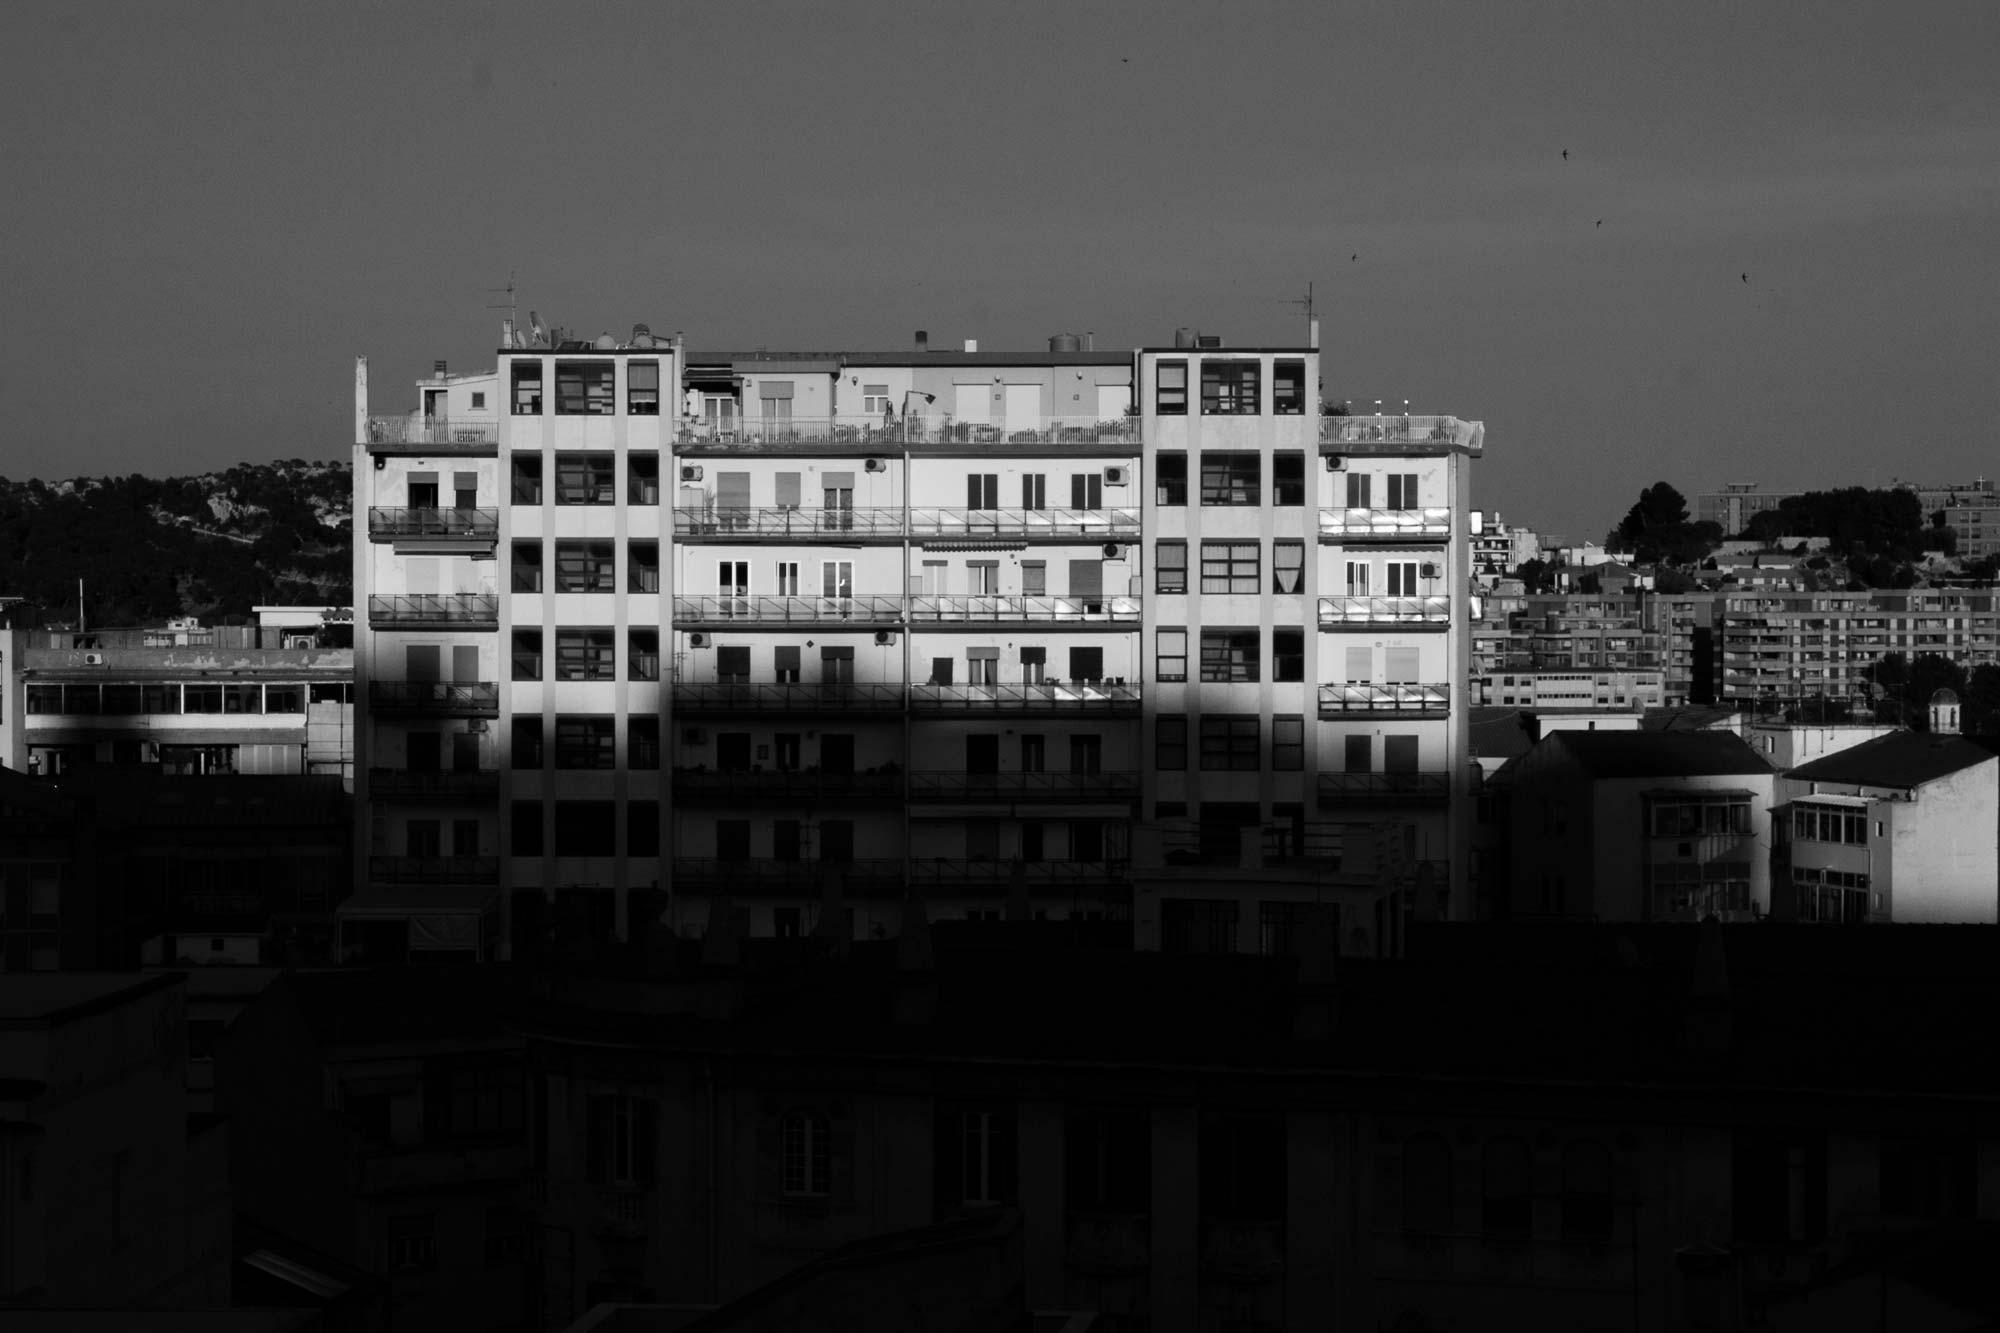 Palazzo in der Abendsonne, Cagliari, Sardinien